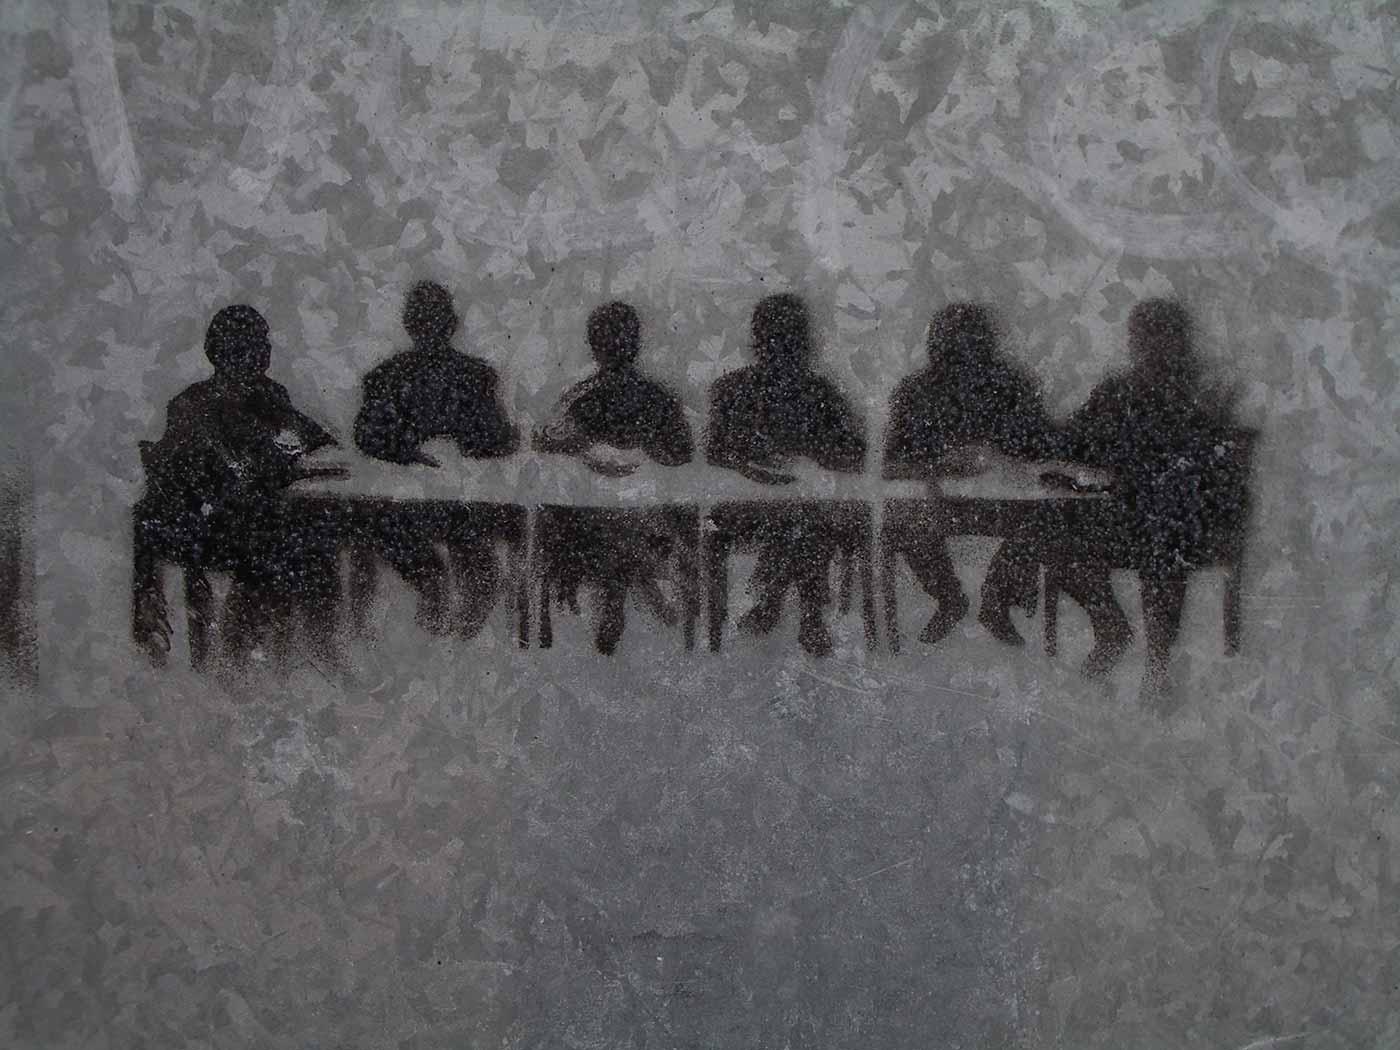 Meeting room stencil graffiti.